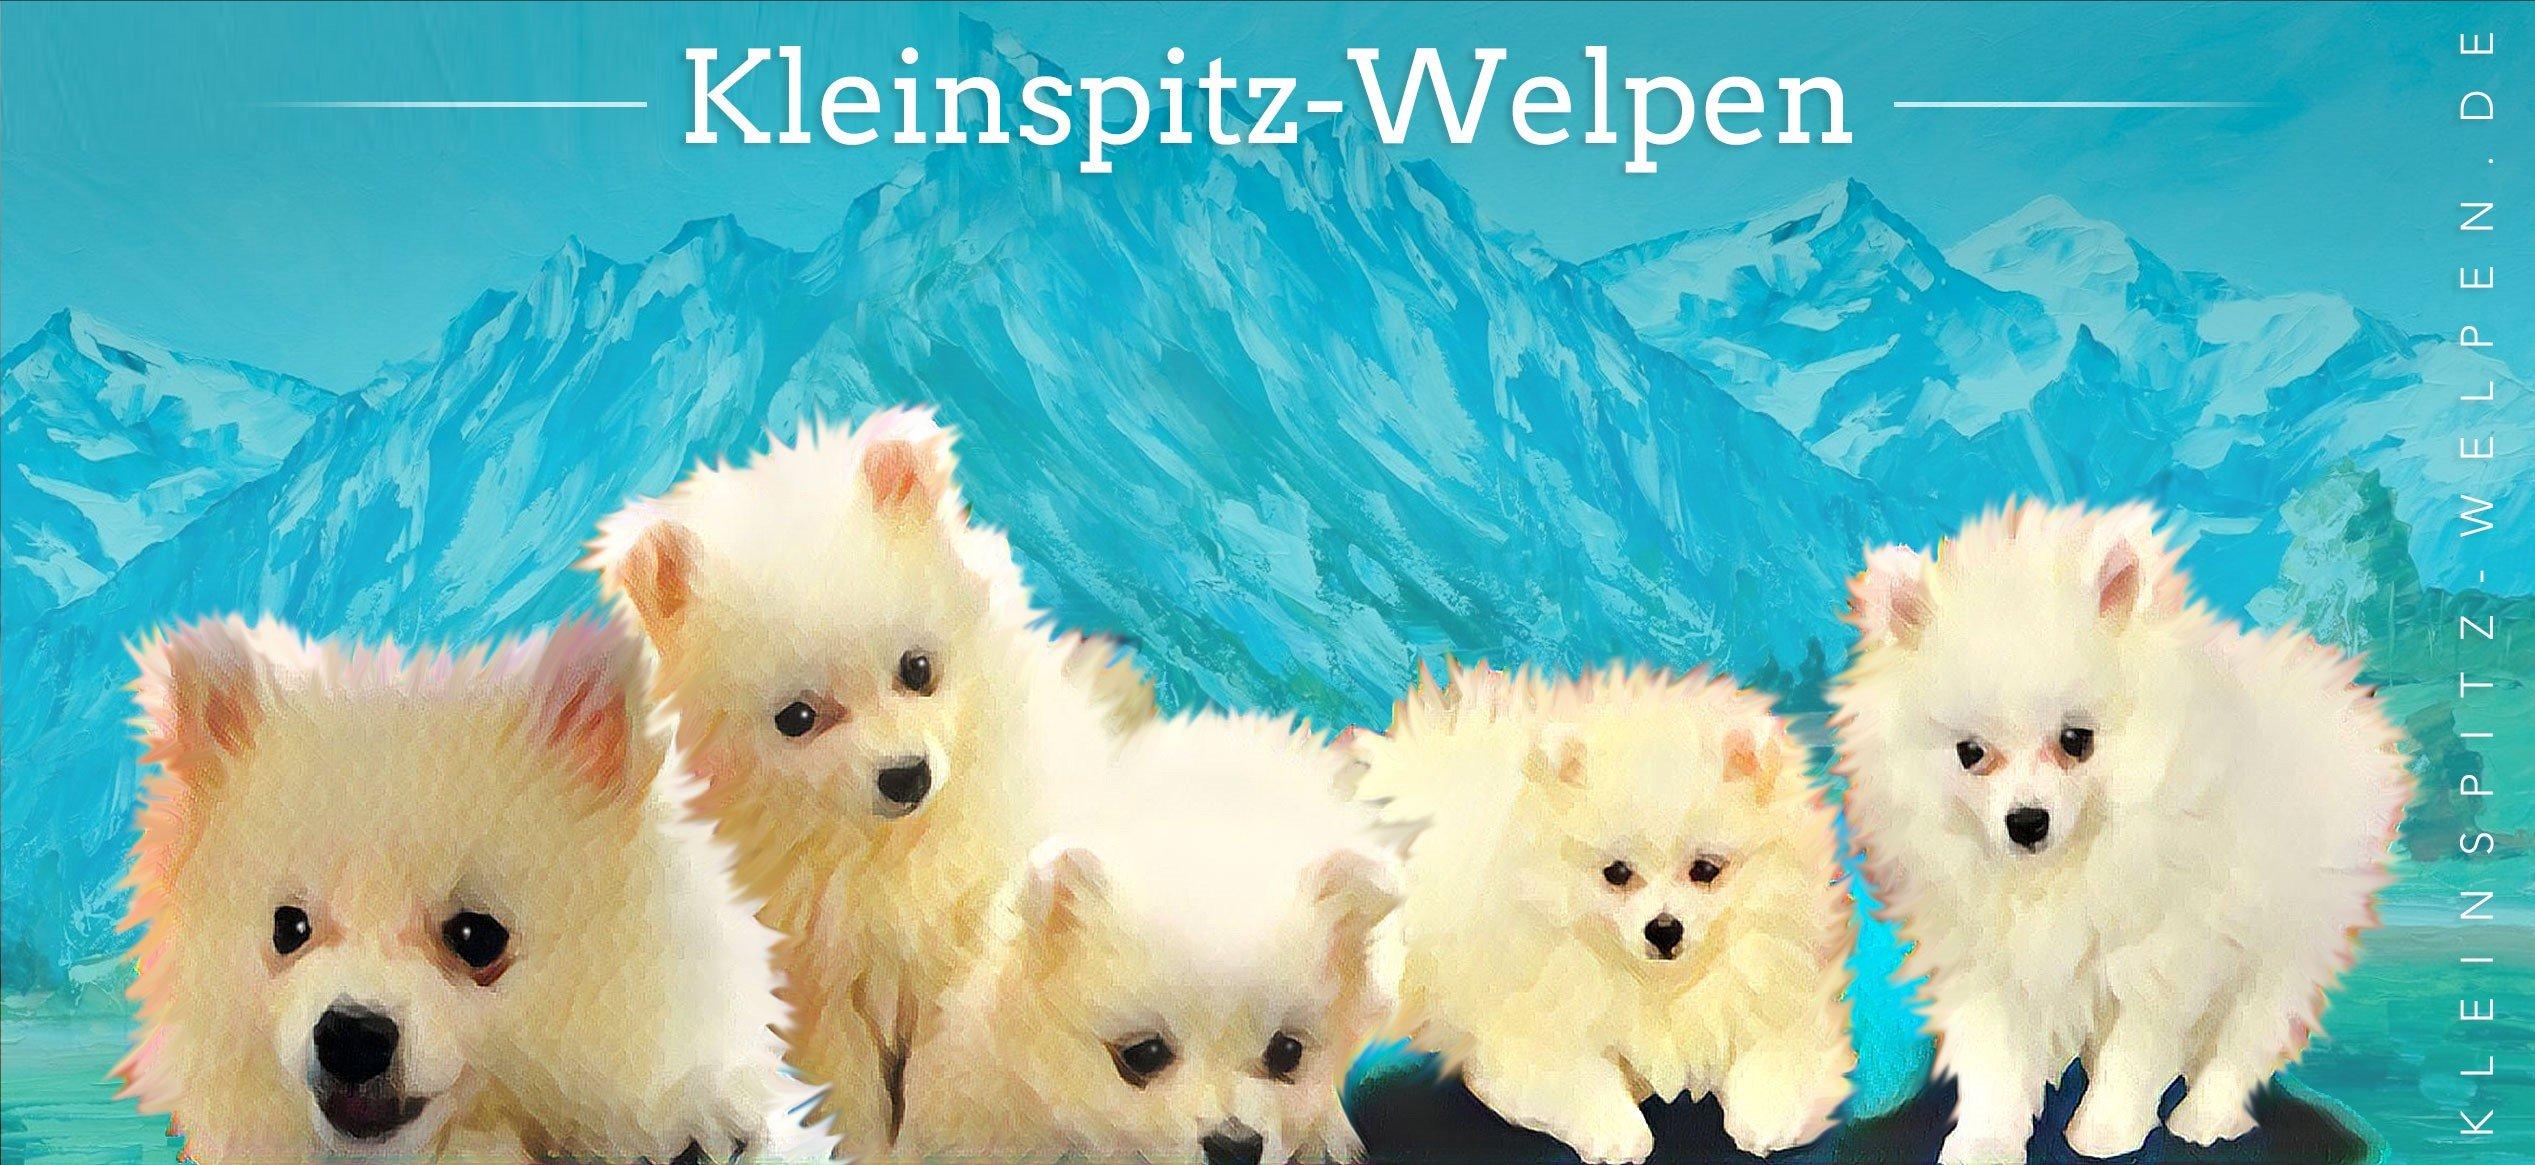 Kleinspitz-Welpen.de  – reinrassige, weiße Kleinspitz Zucht